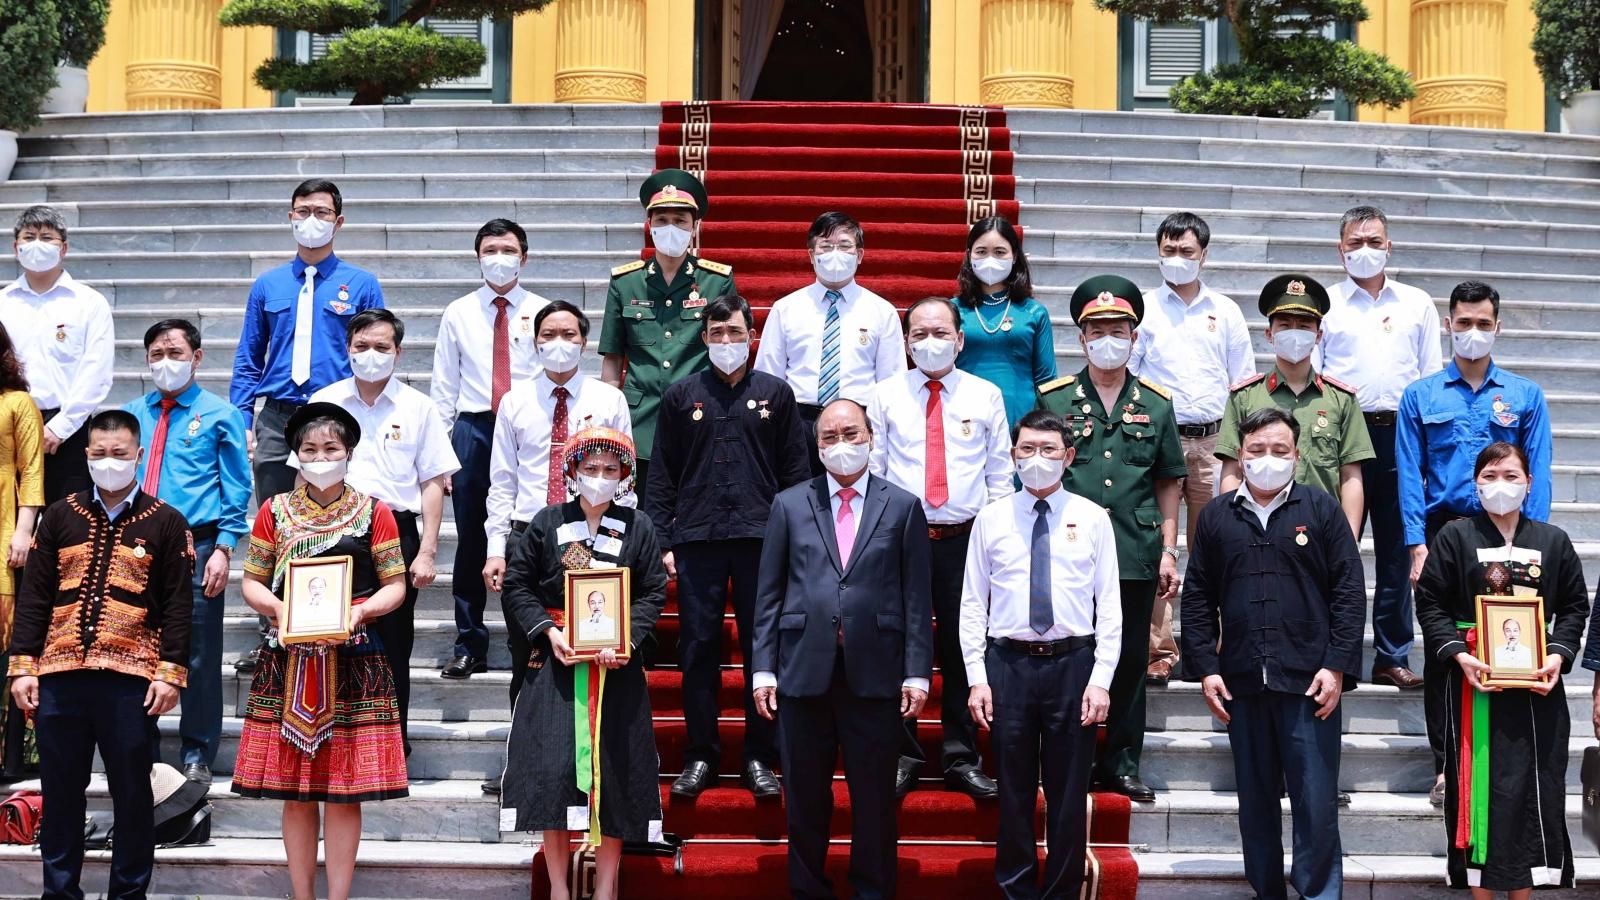 Chủ tịch nước Nguyễn Xuân Phúc tiếp Đoàn đại biểu các dân tộc thiểu số tỉnh Bắc Giang